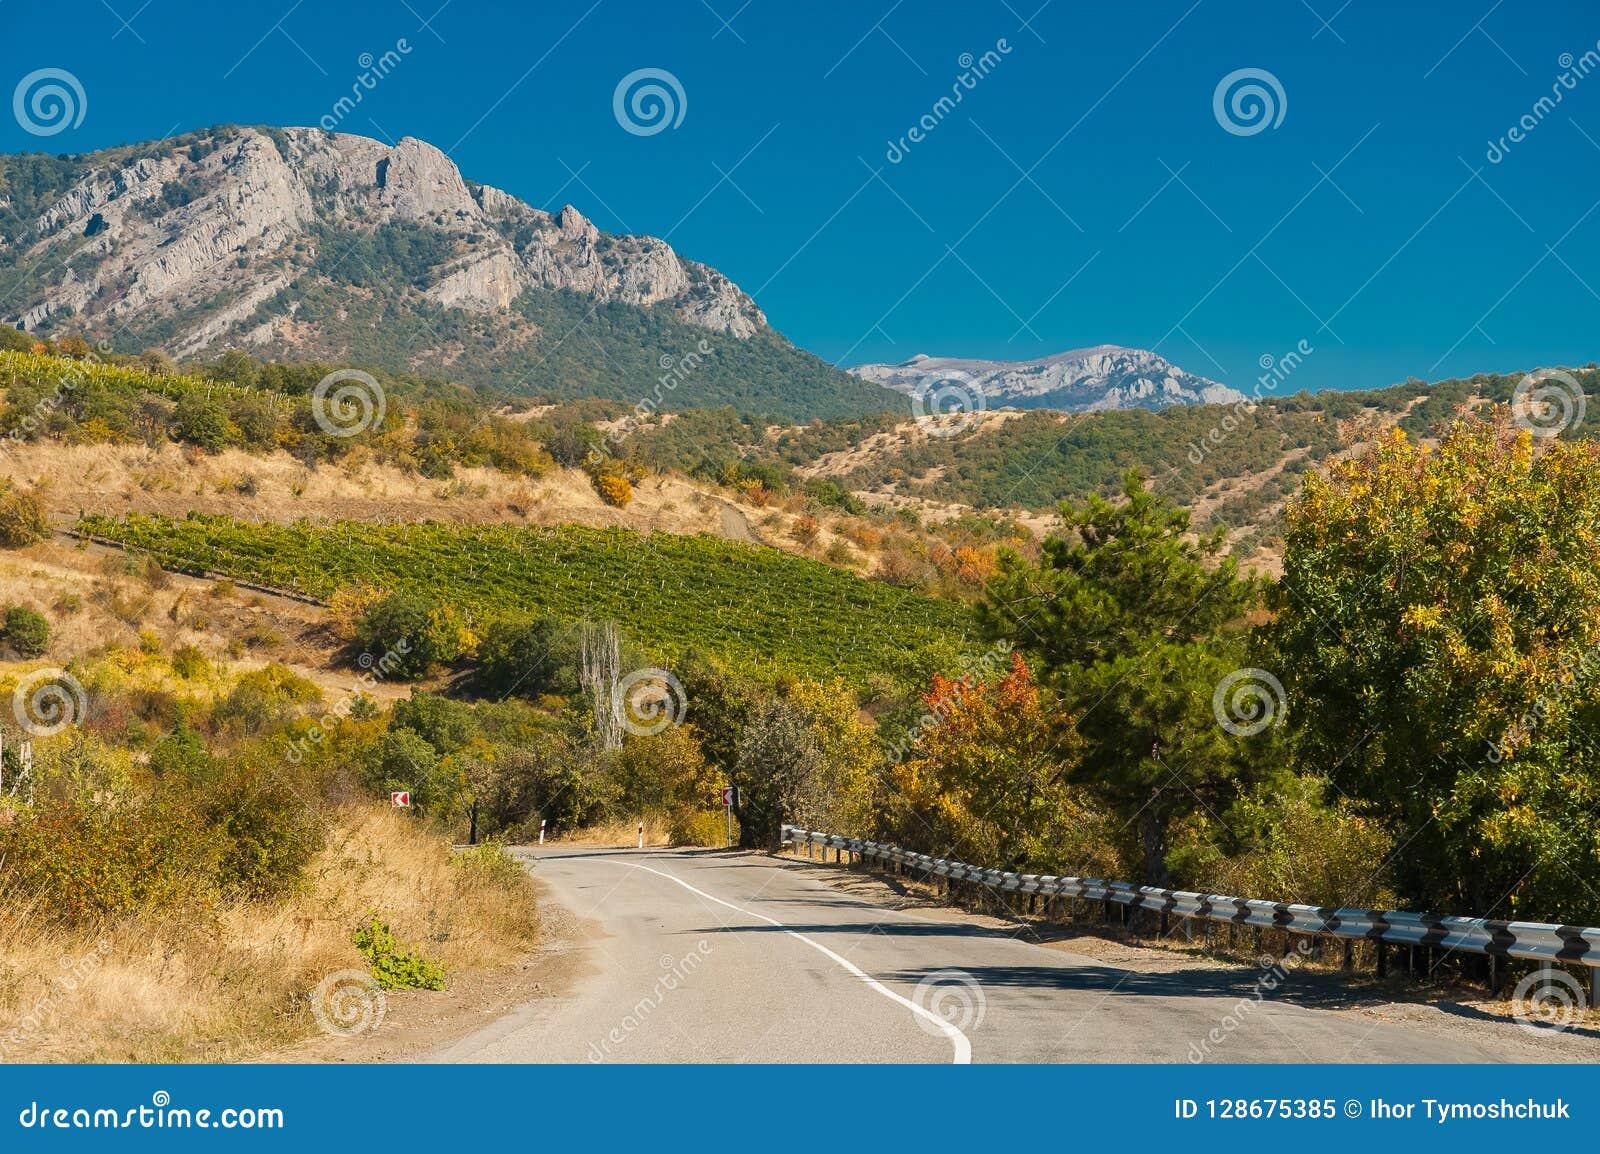 Een windende weg tegen de achtergrond van wijngaarden